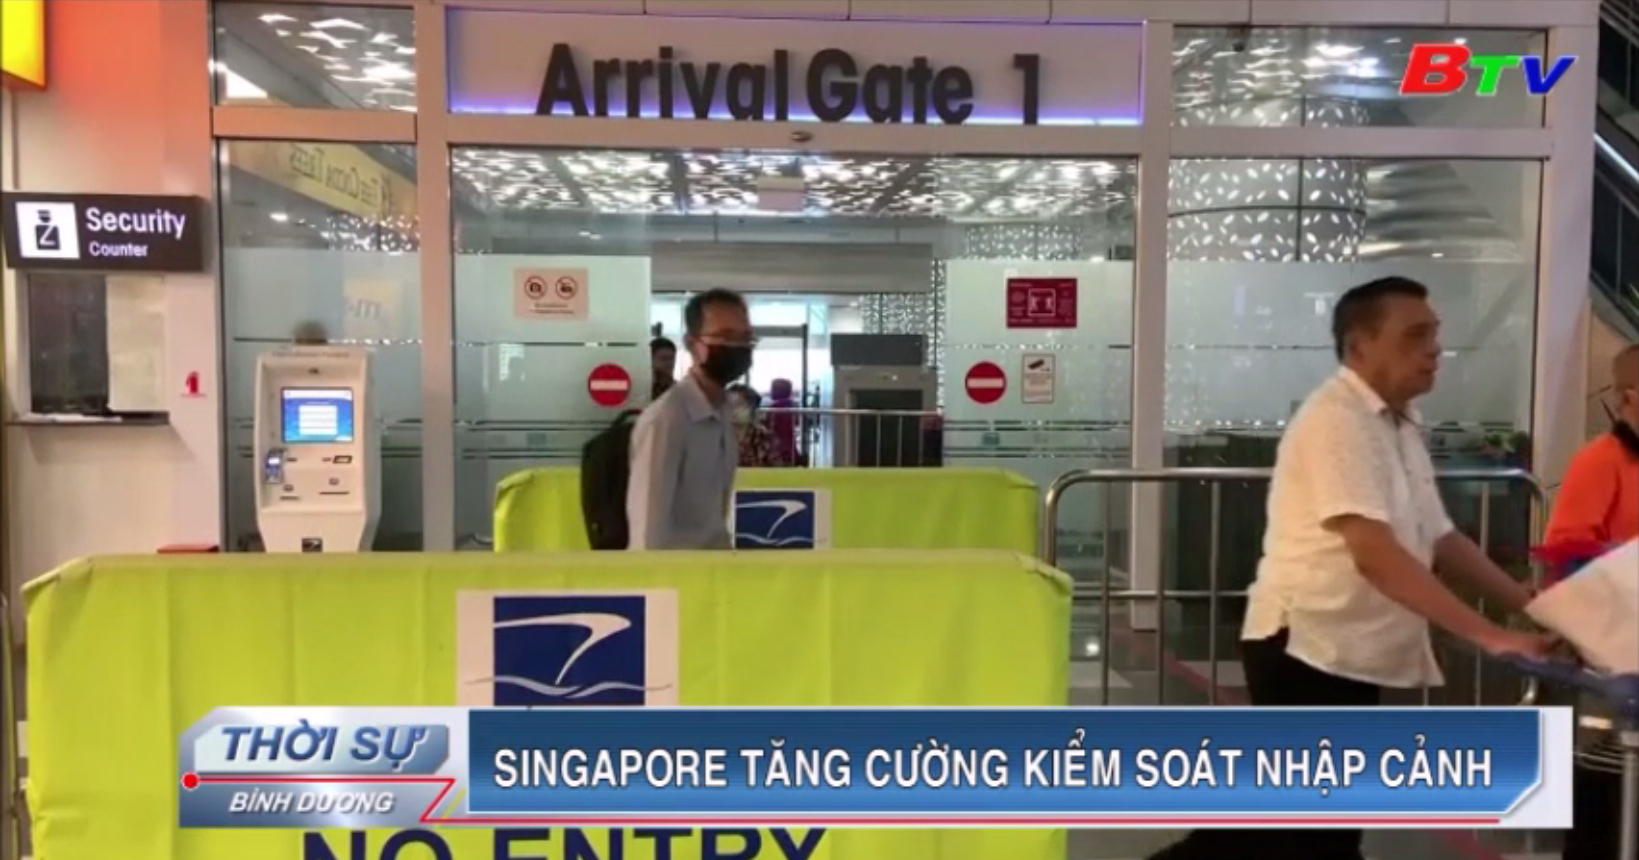 Singapore tăng cường kiểm soát nhập cảnh